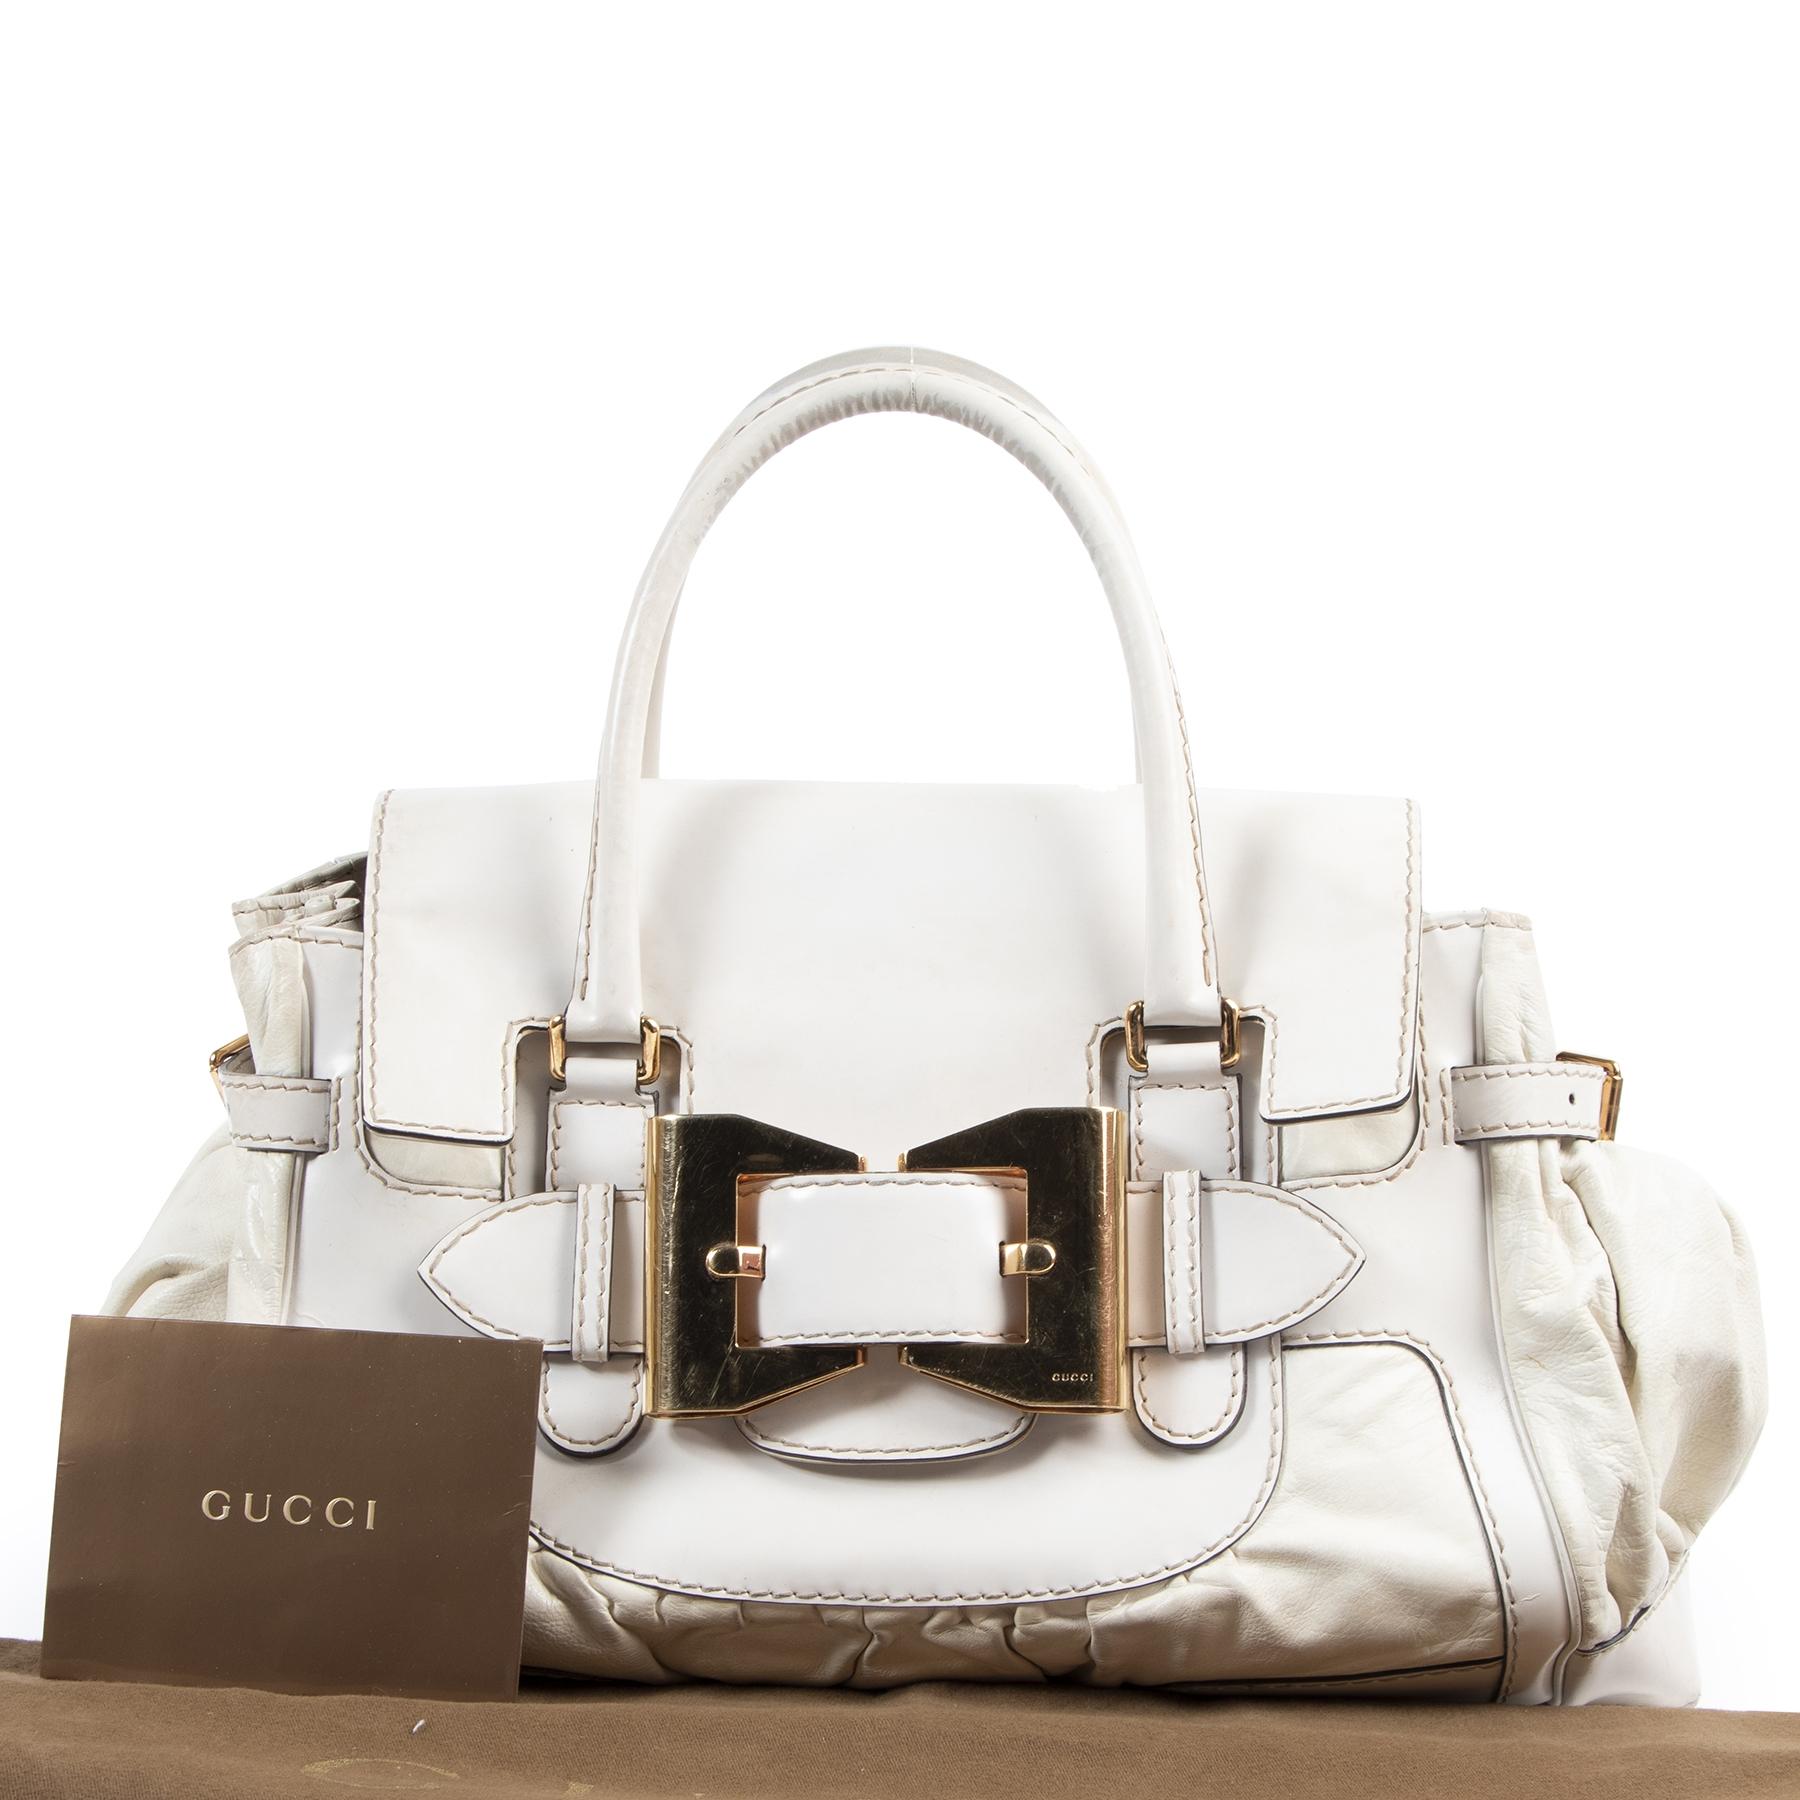 koop uw authntieke Authentieke Tweedehands Gucci White Leather Queen Large Bow Buckle Boston Bag juiste prijs veilig online shoppen luxe merken webshop winkelen Antwerpen België mode fashion